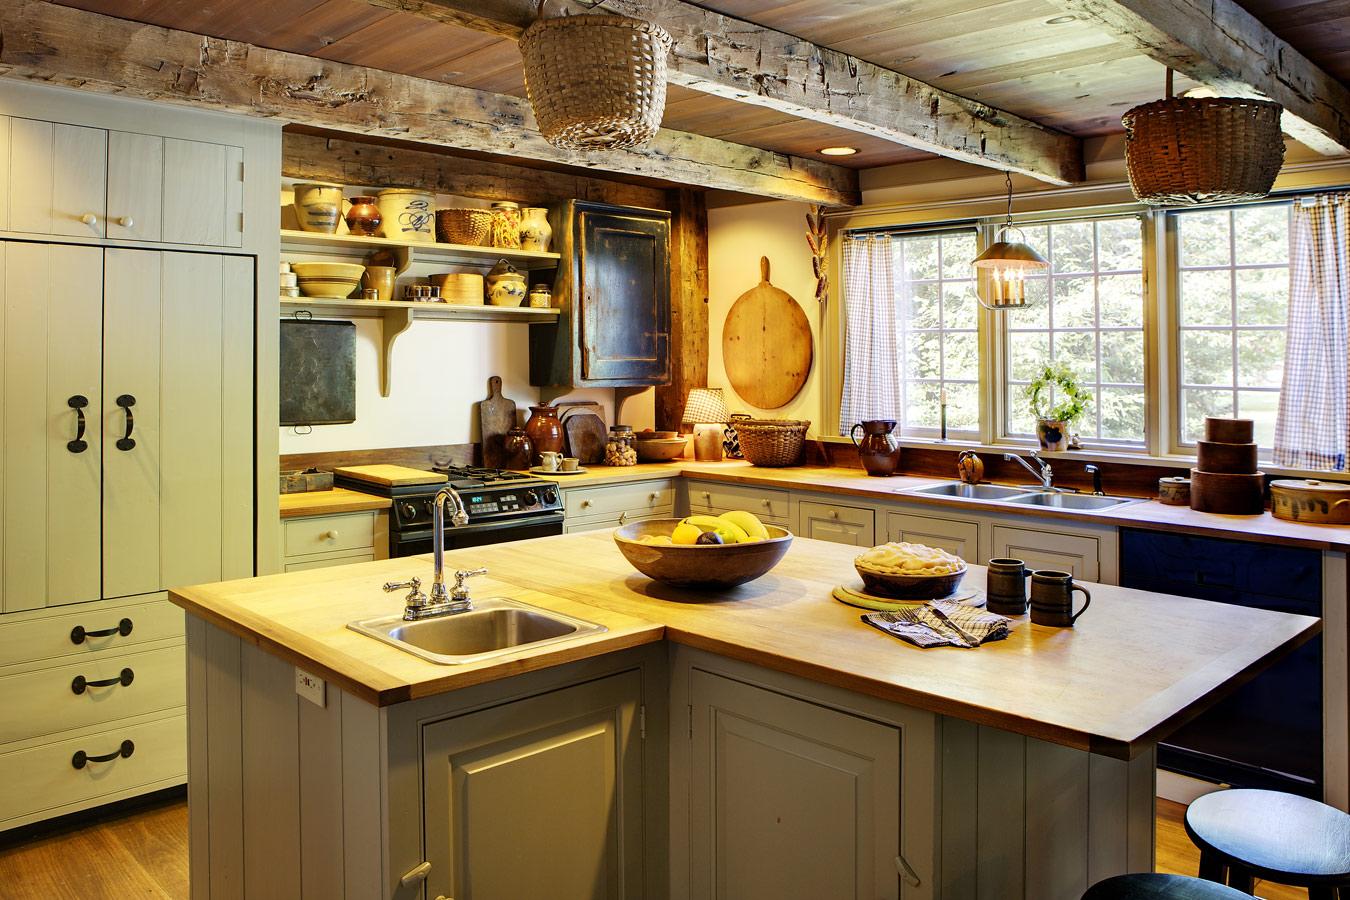 Landelijk Kleuren Keuken : Keuken met i cooking herveld vri interieur